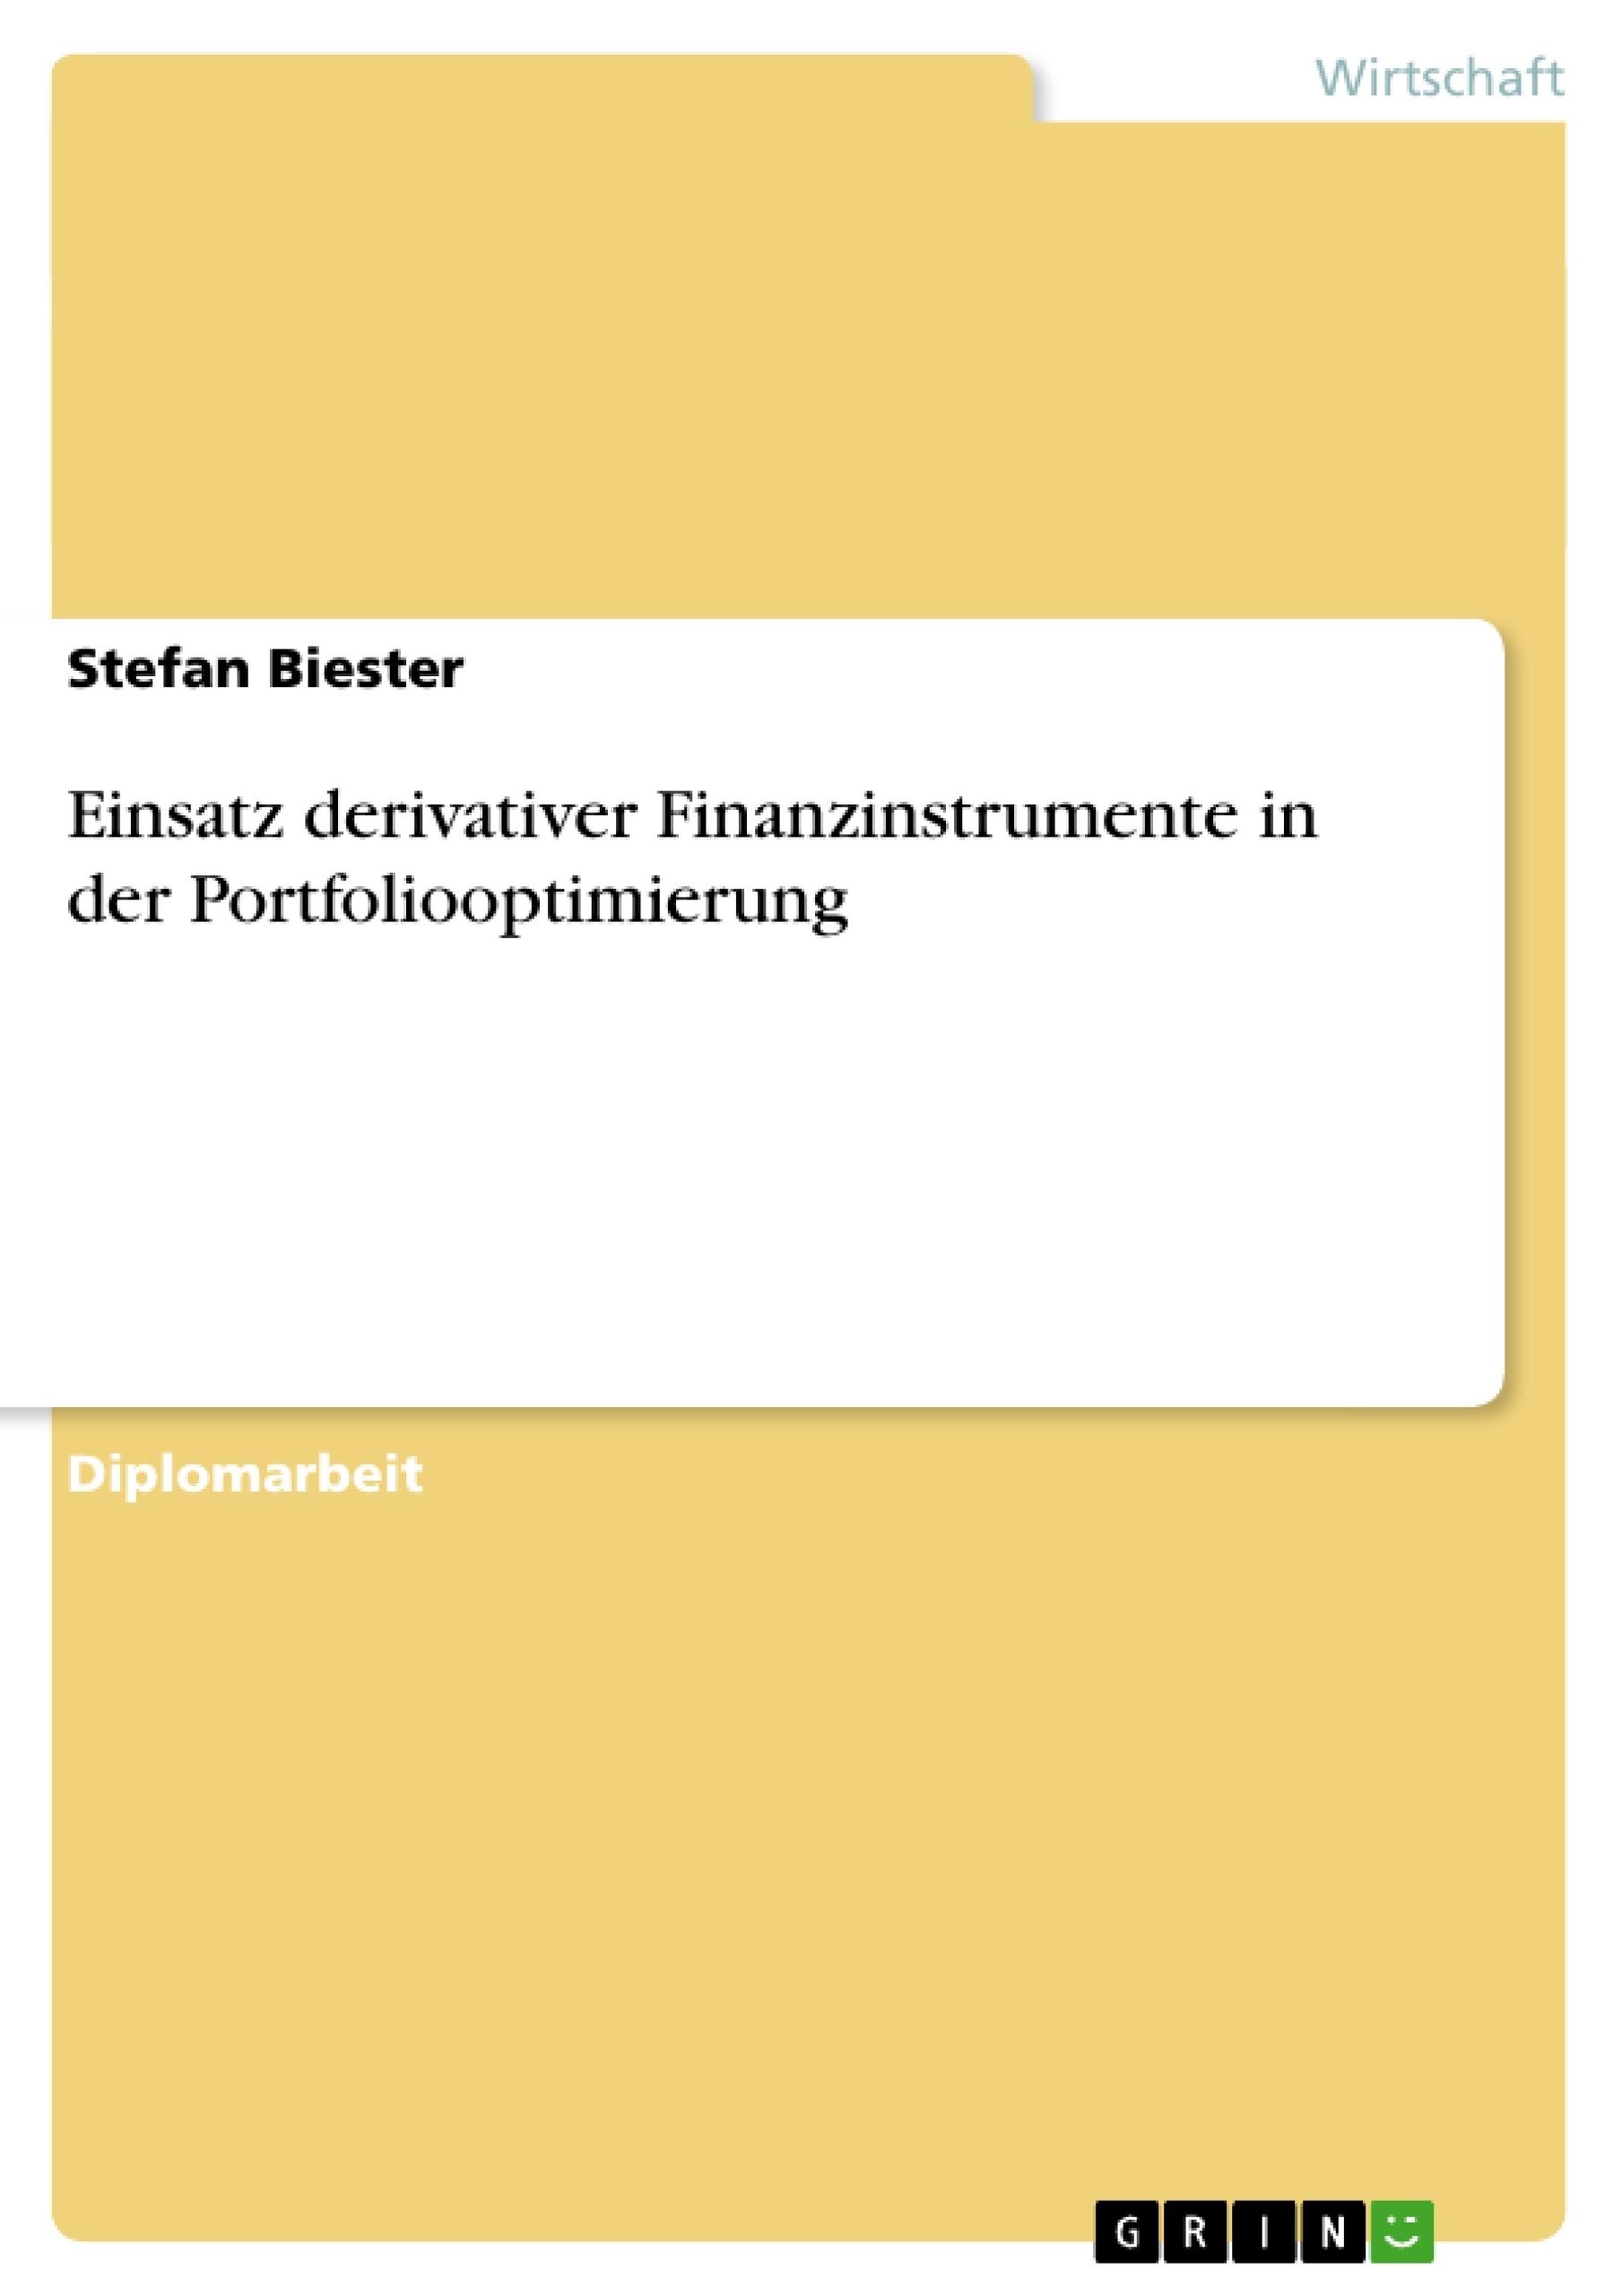 Titel: Einsatz derivativer Finanzinstrumente in der Portfoliooptimierung